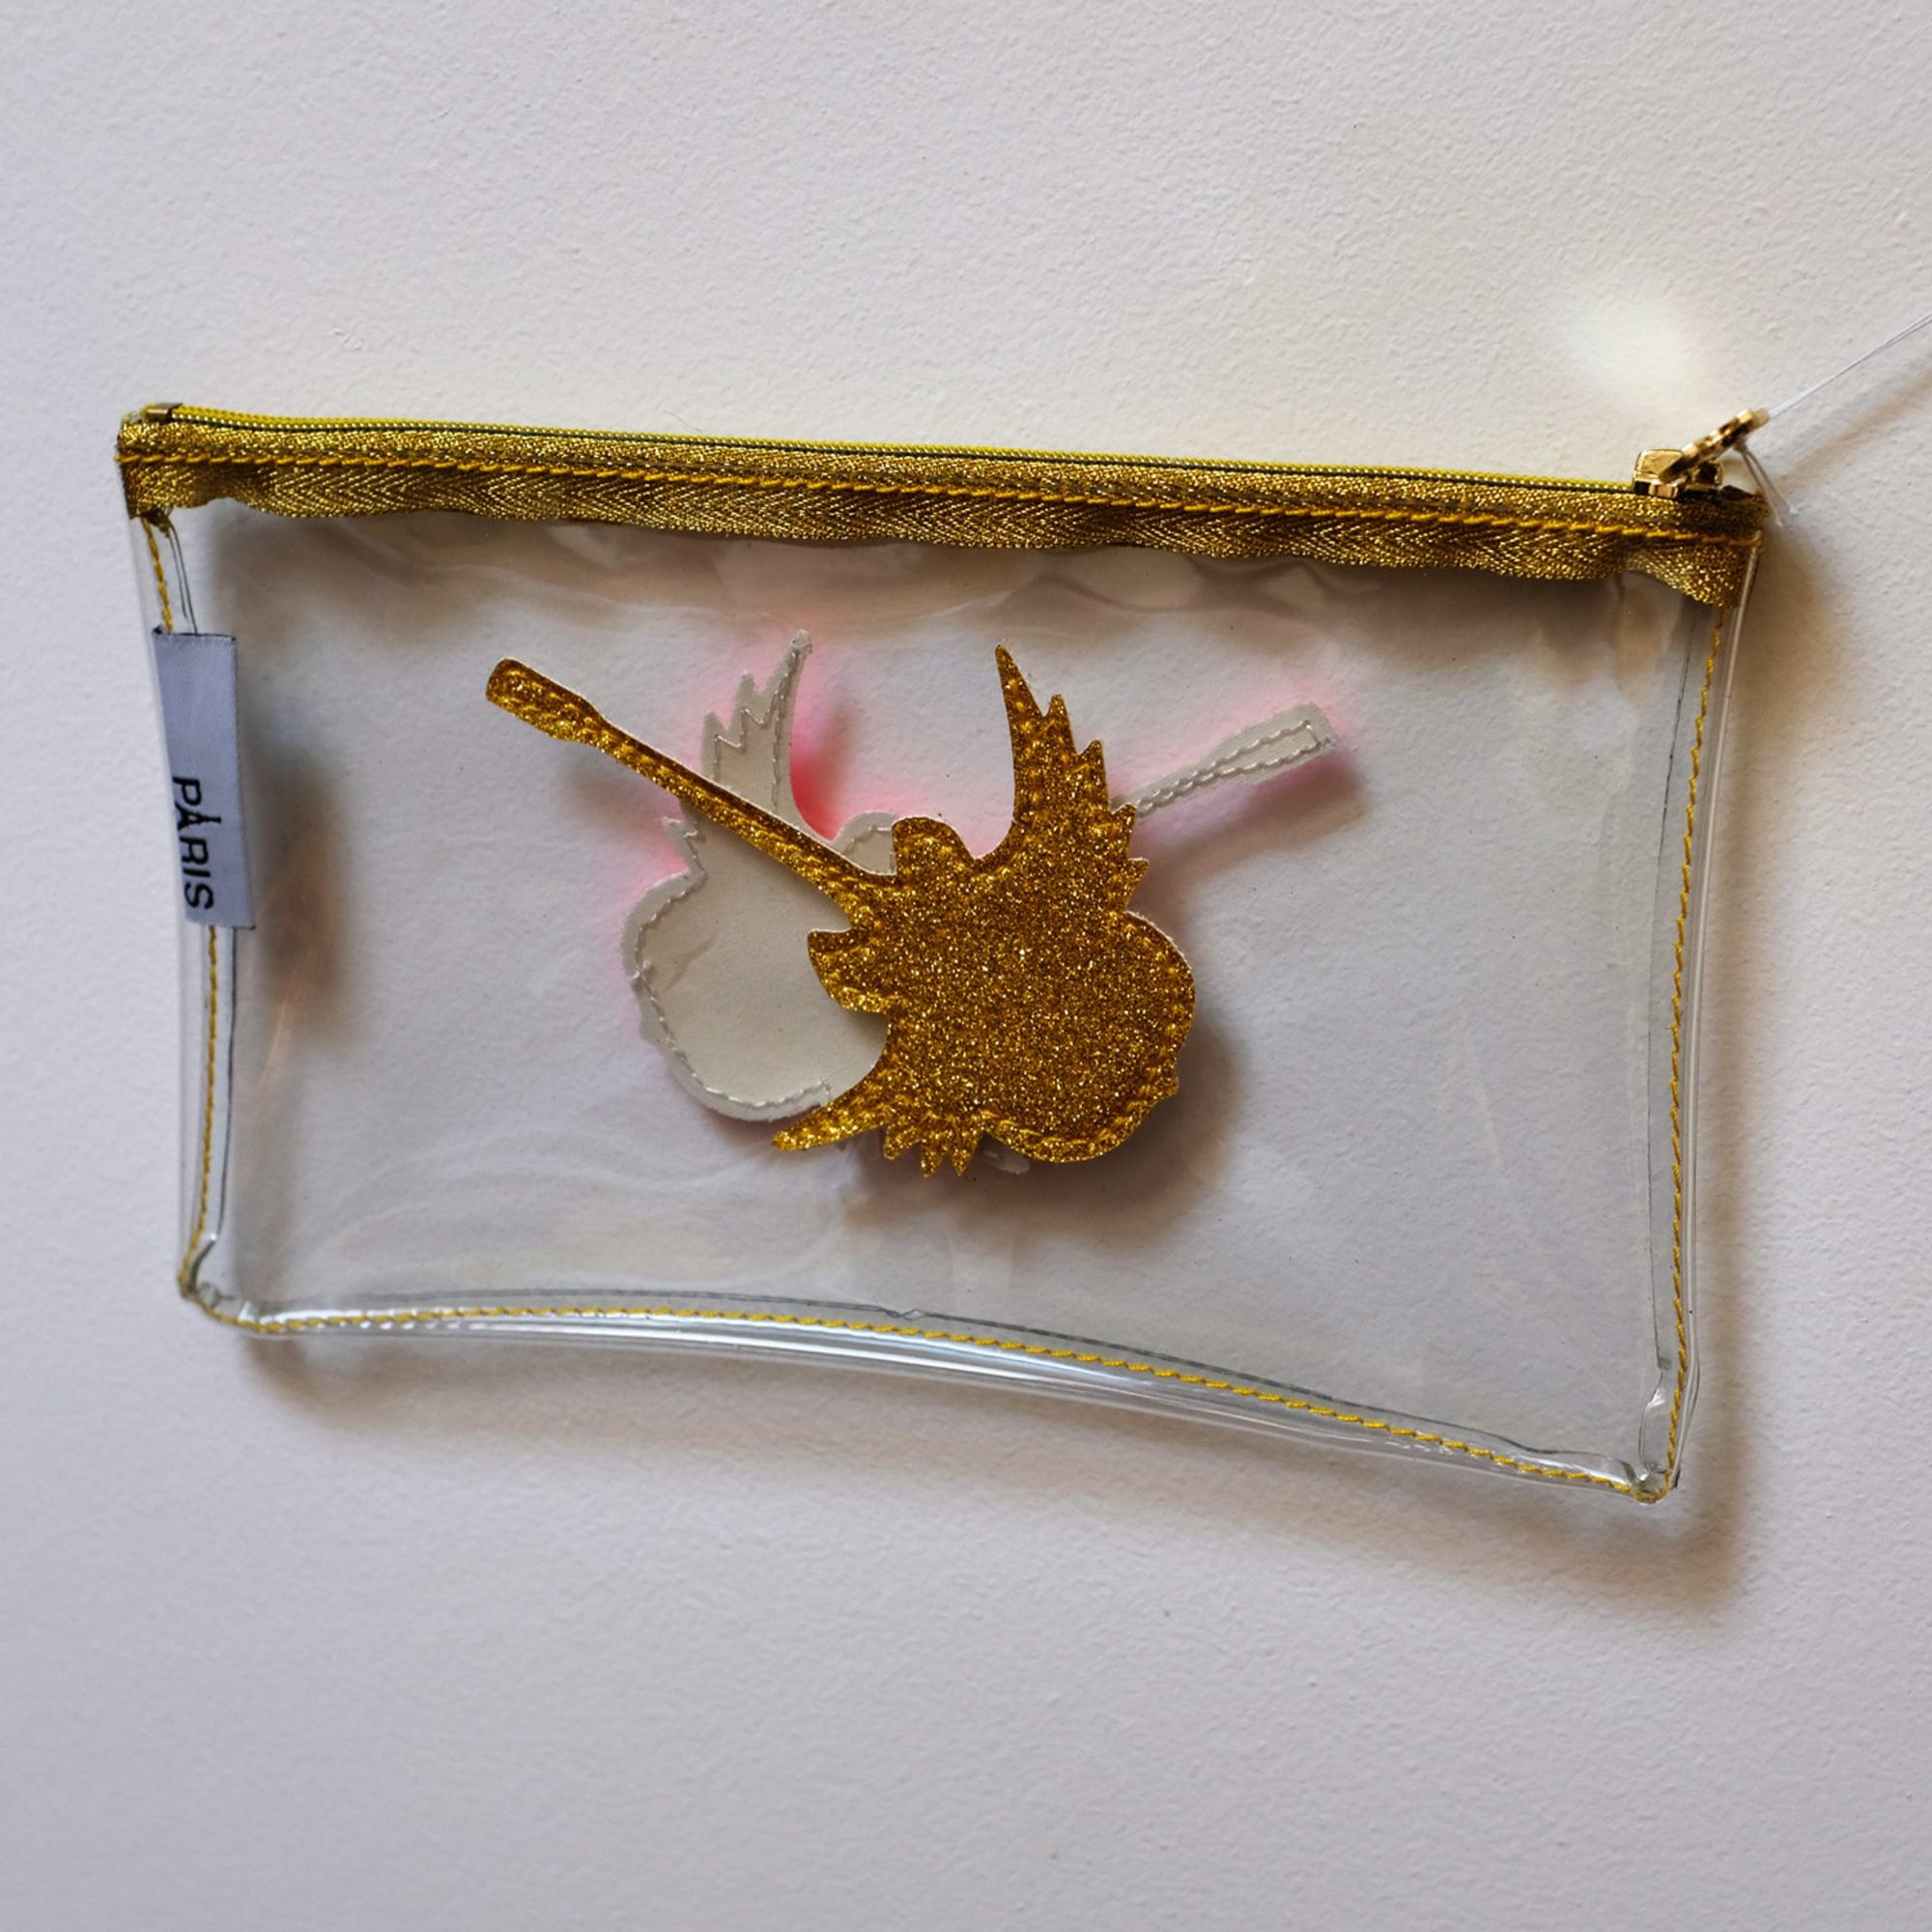 Pochette ANNE-CHARLOTTE GOUTAL plastique doré